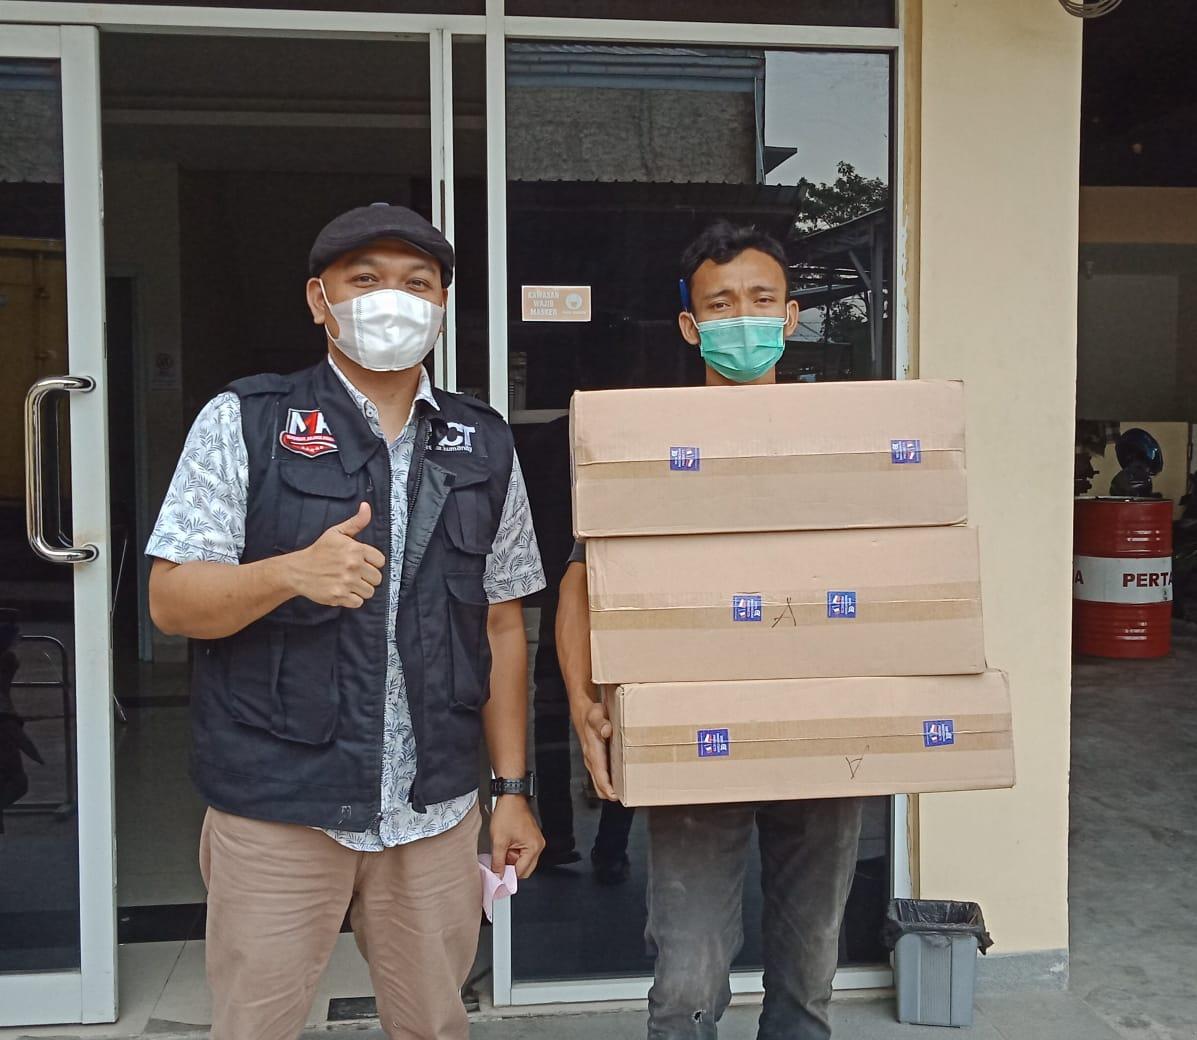 CV. Anugerah Jaya Tjemerlang (AJT) Salurkan 3000 Masker untuk Panti Asuhan Peduli Harapan Bangsa (PHB) dan Pondok Pesantren di Lampung